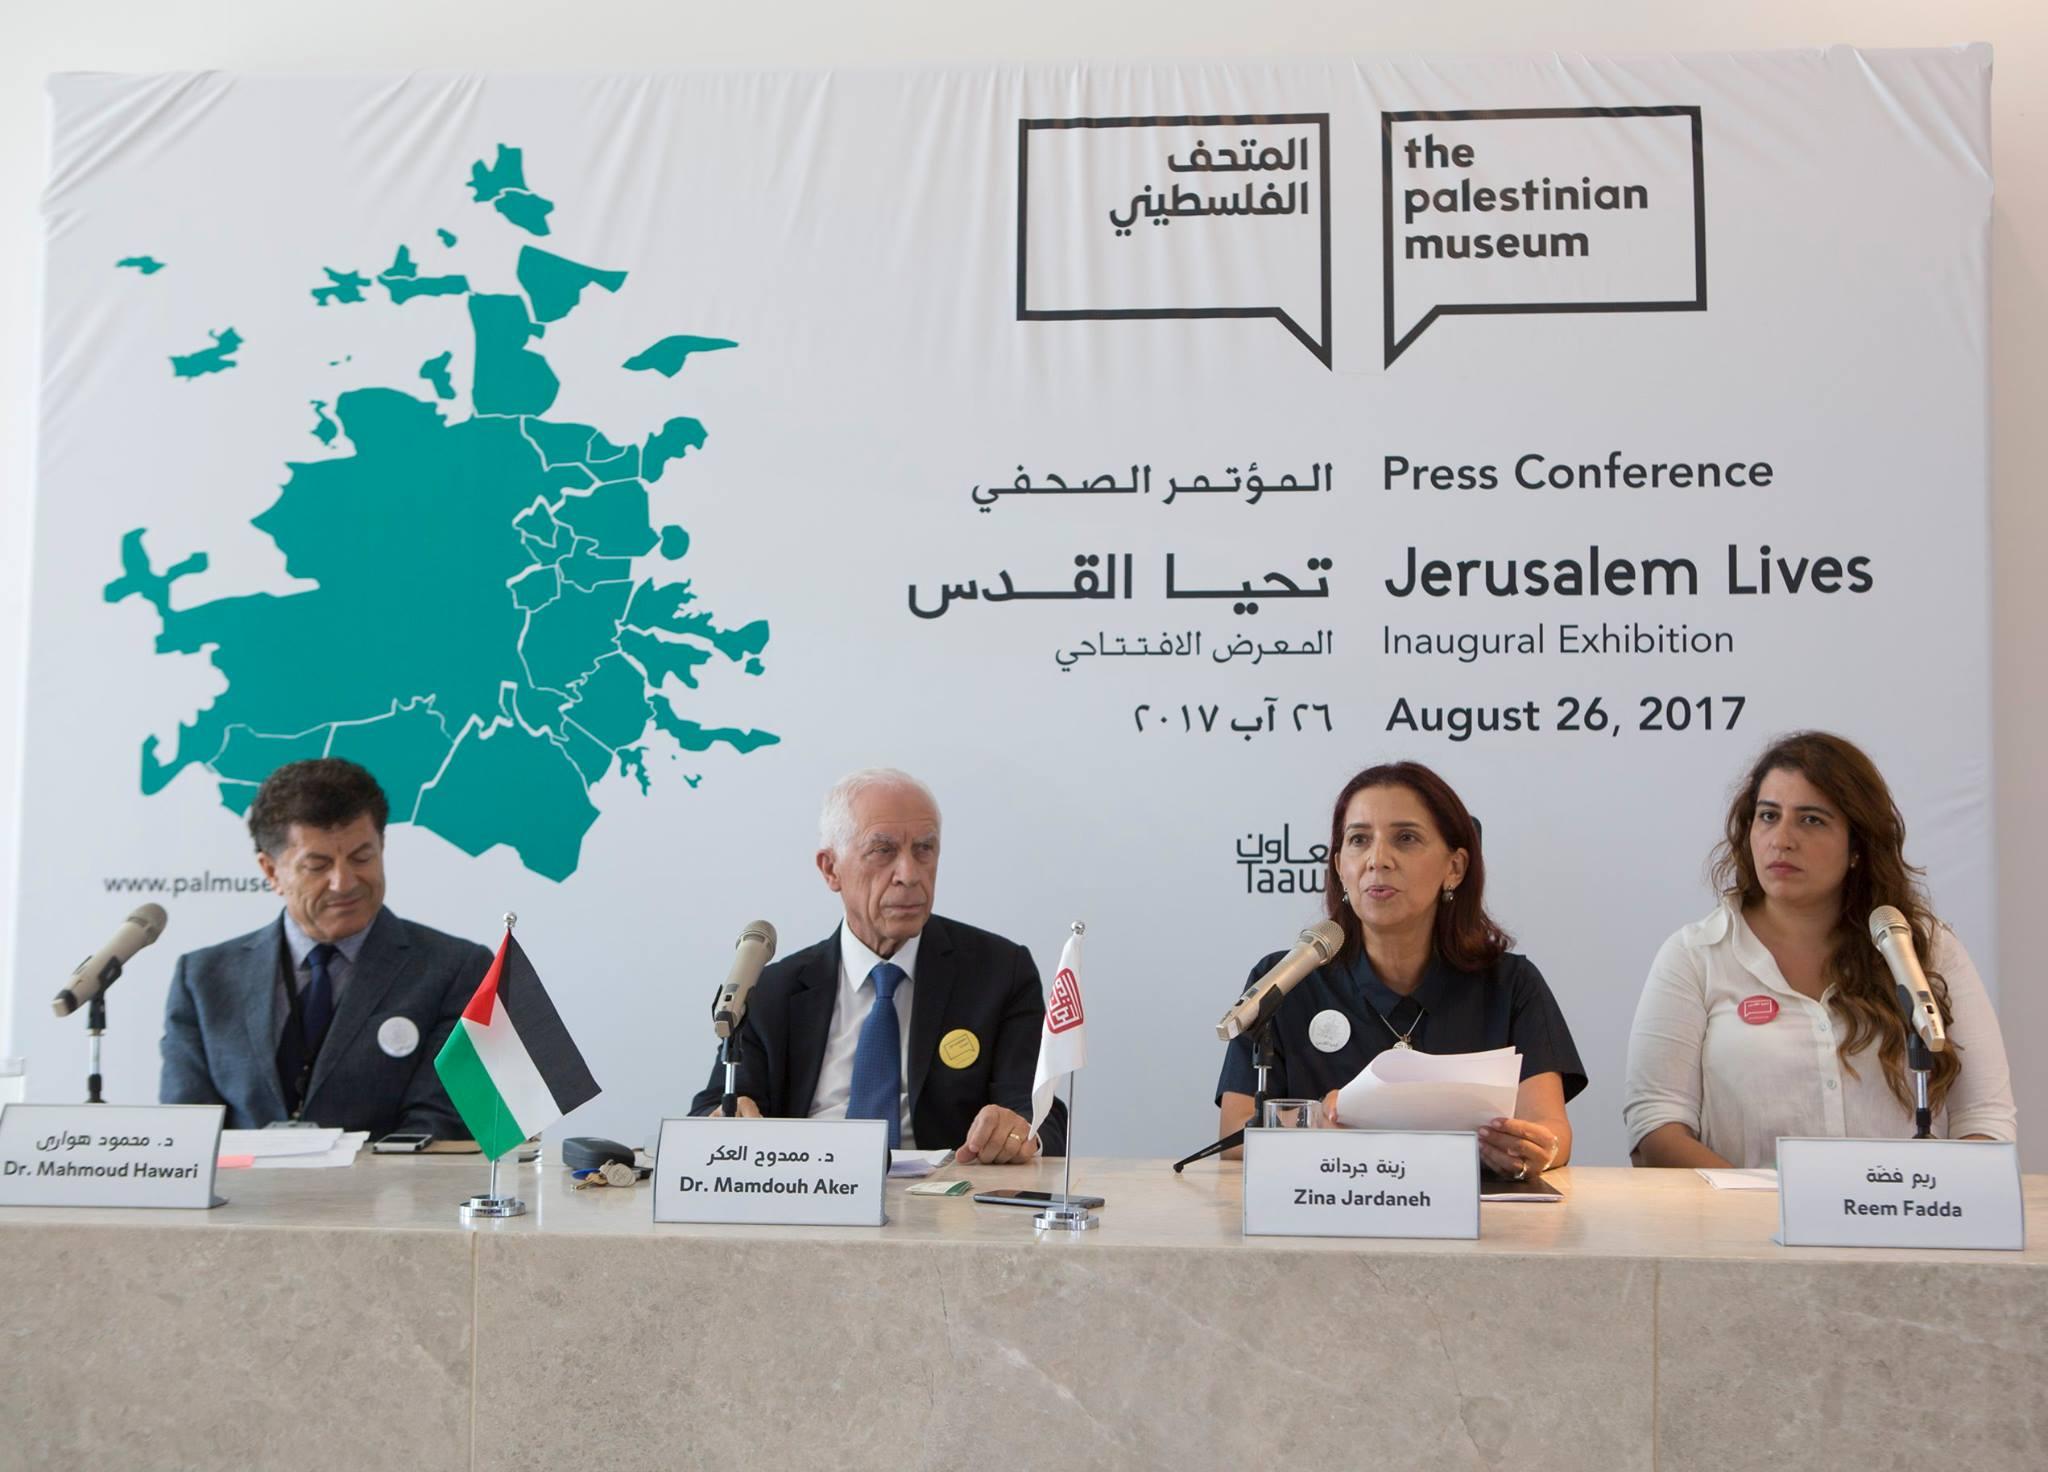 المتحف الفلسطيني يعلن عن إطلاق معرضه الافتتاحي